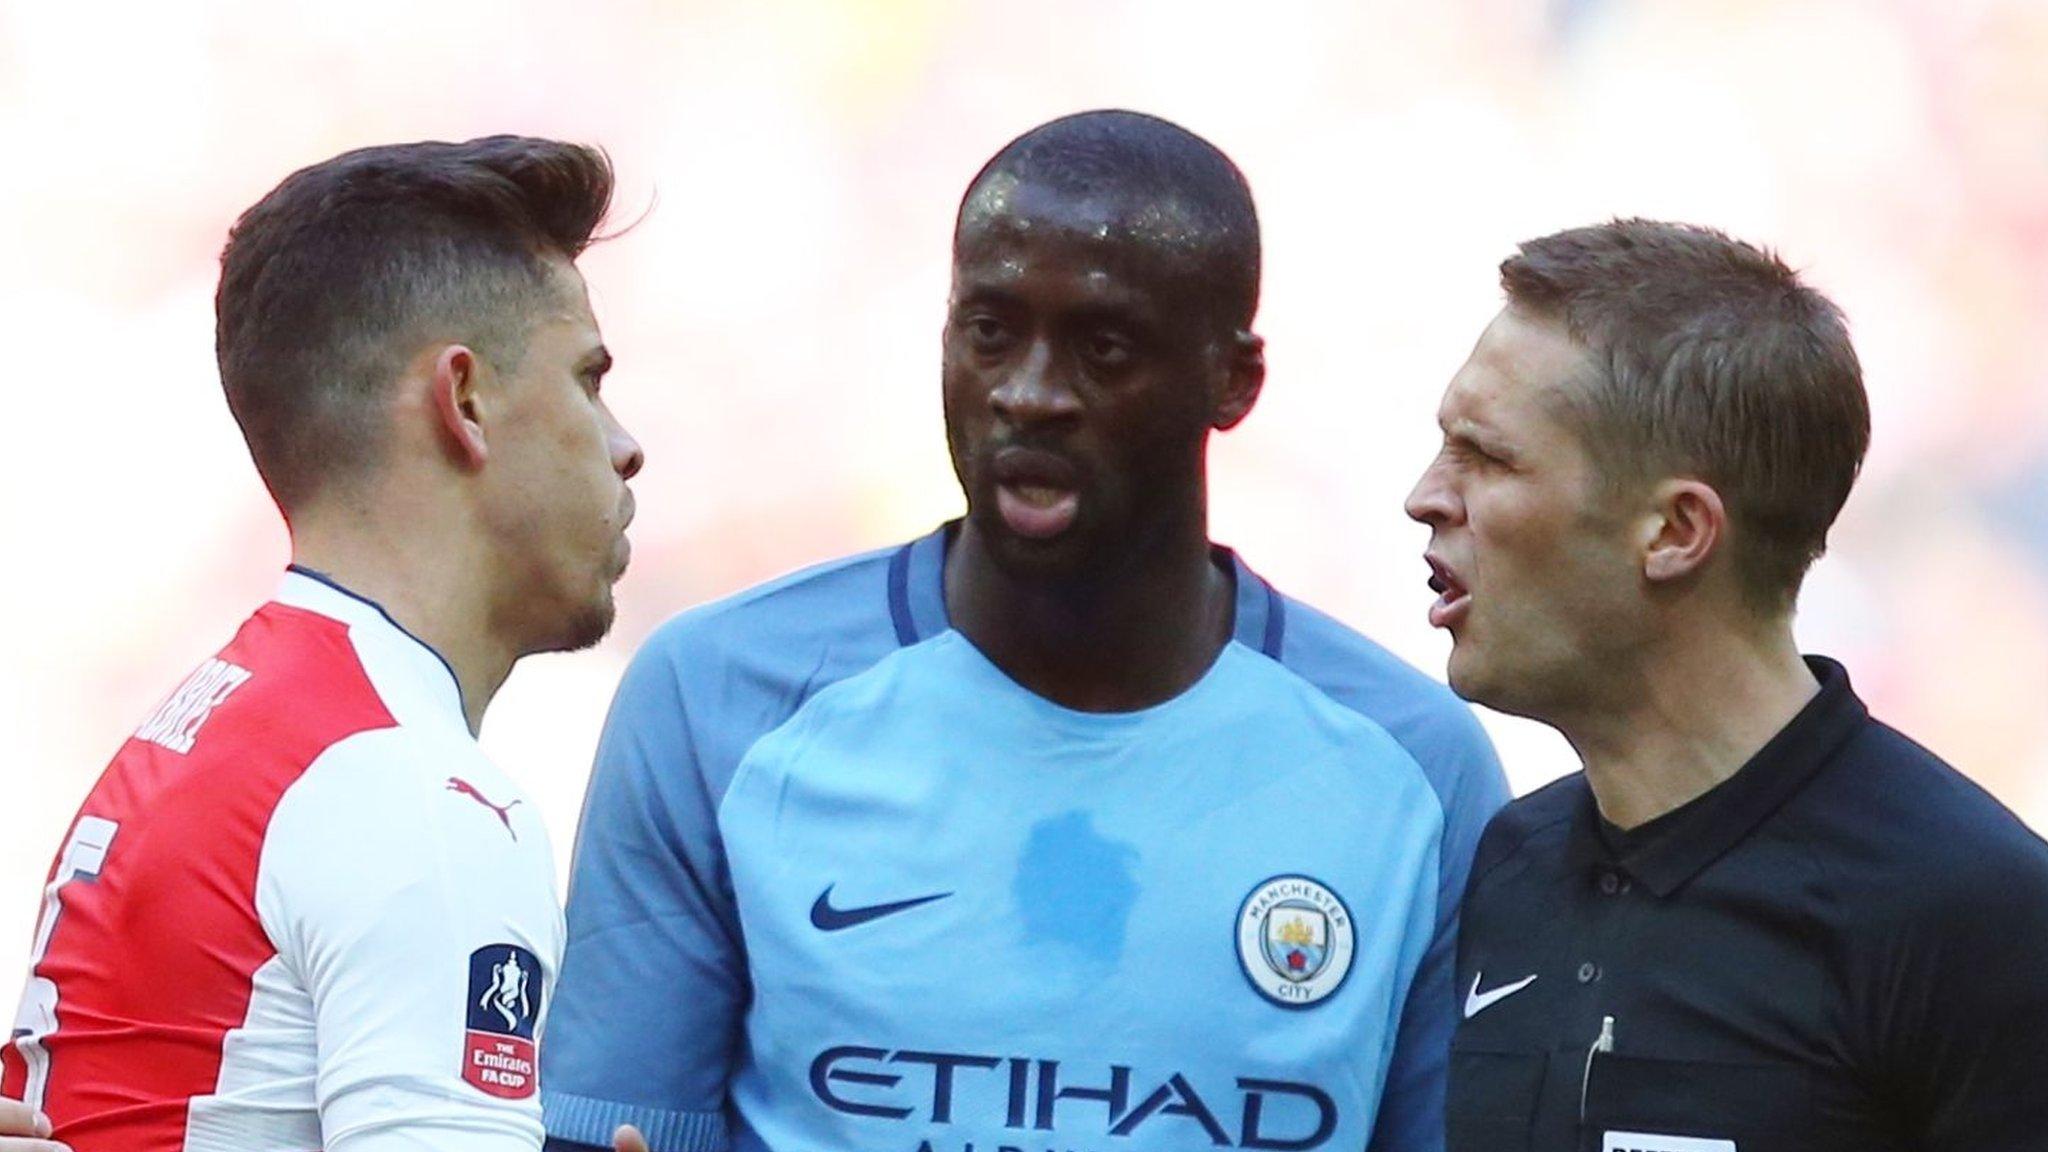 I'd prefer no referee for Man Utd game - Toure